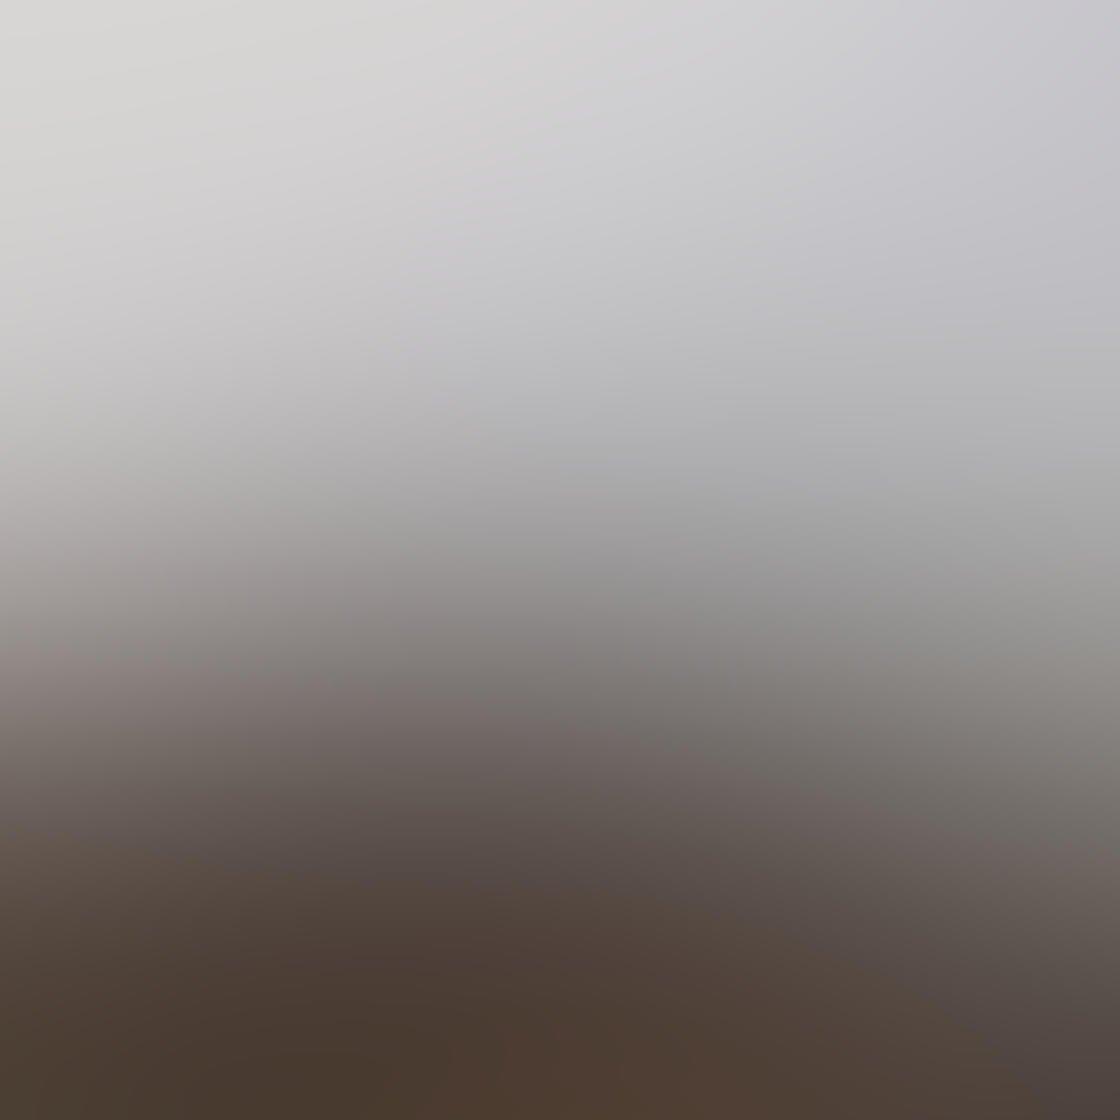 Fog & Mist iPhone Photos 21